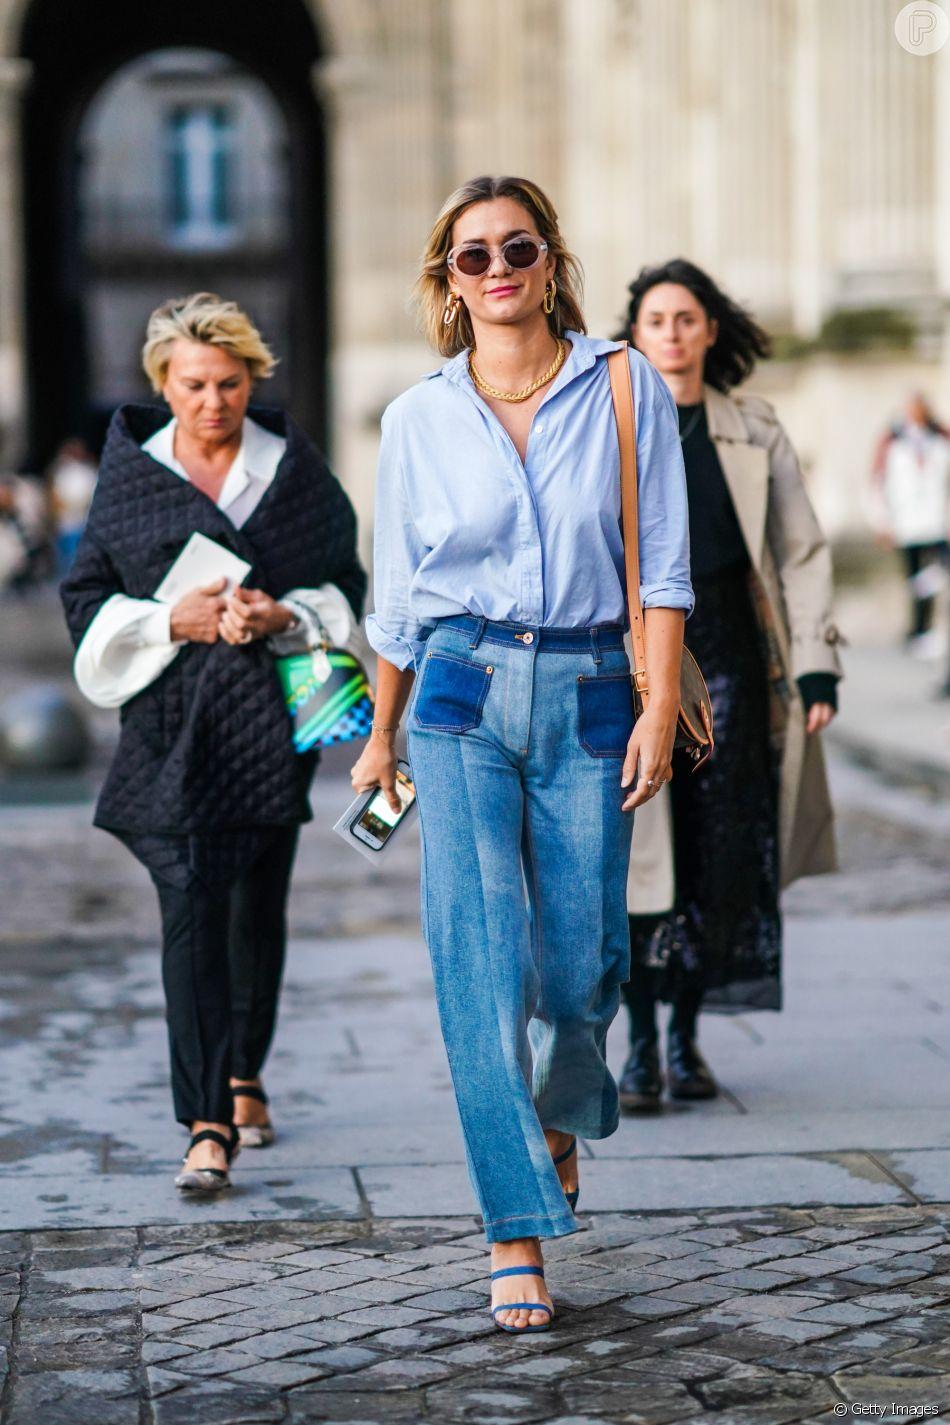 Moda jeans 2020: a dica do street style para apostar na calça bicolor é investir em cós e bolsos em tons diferentes